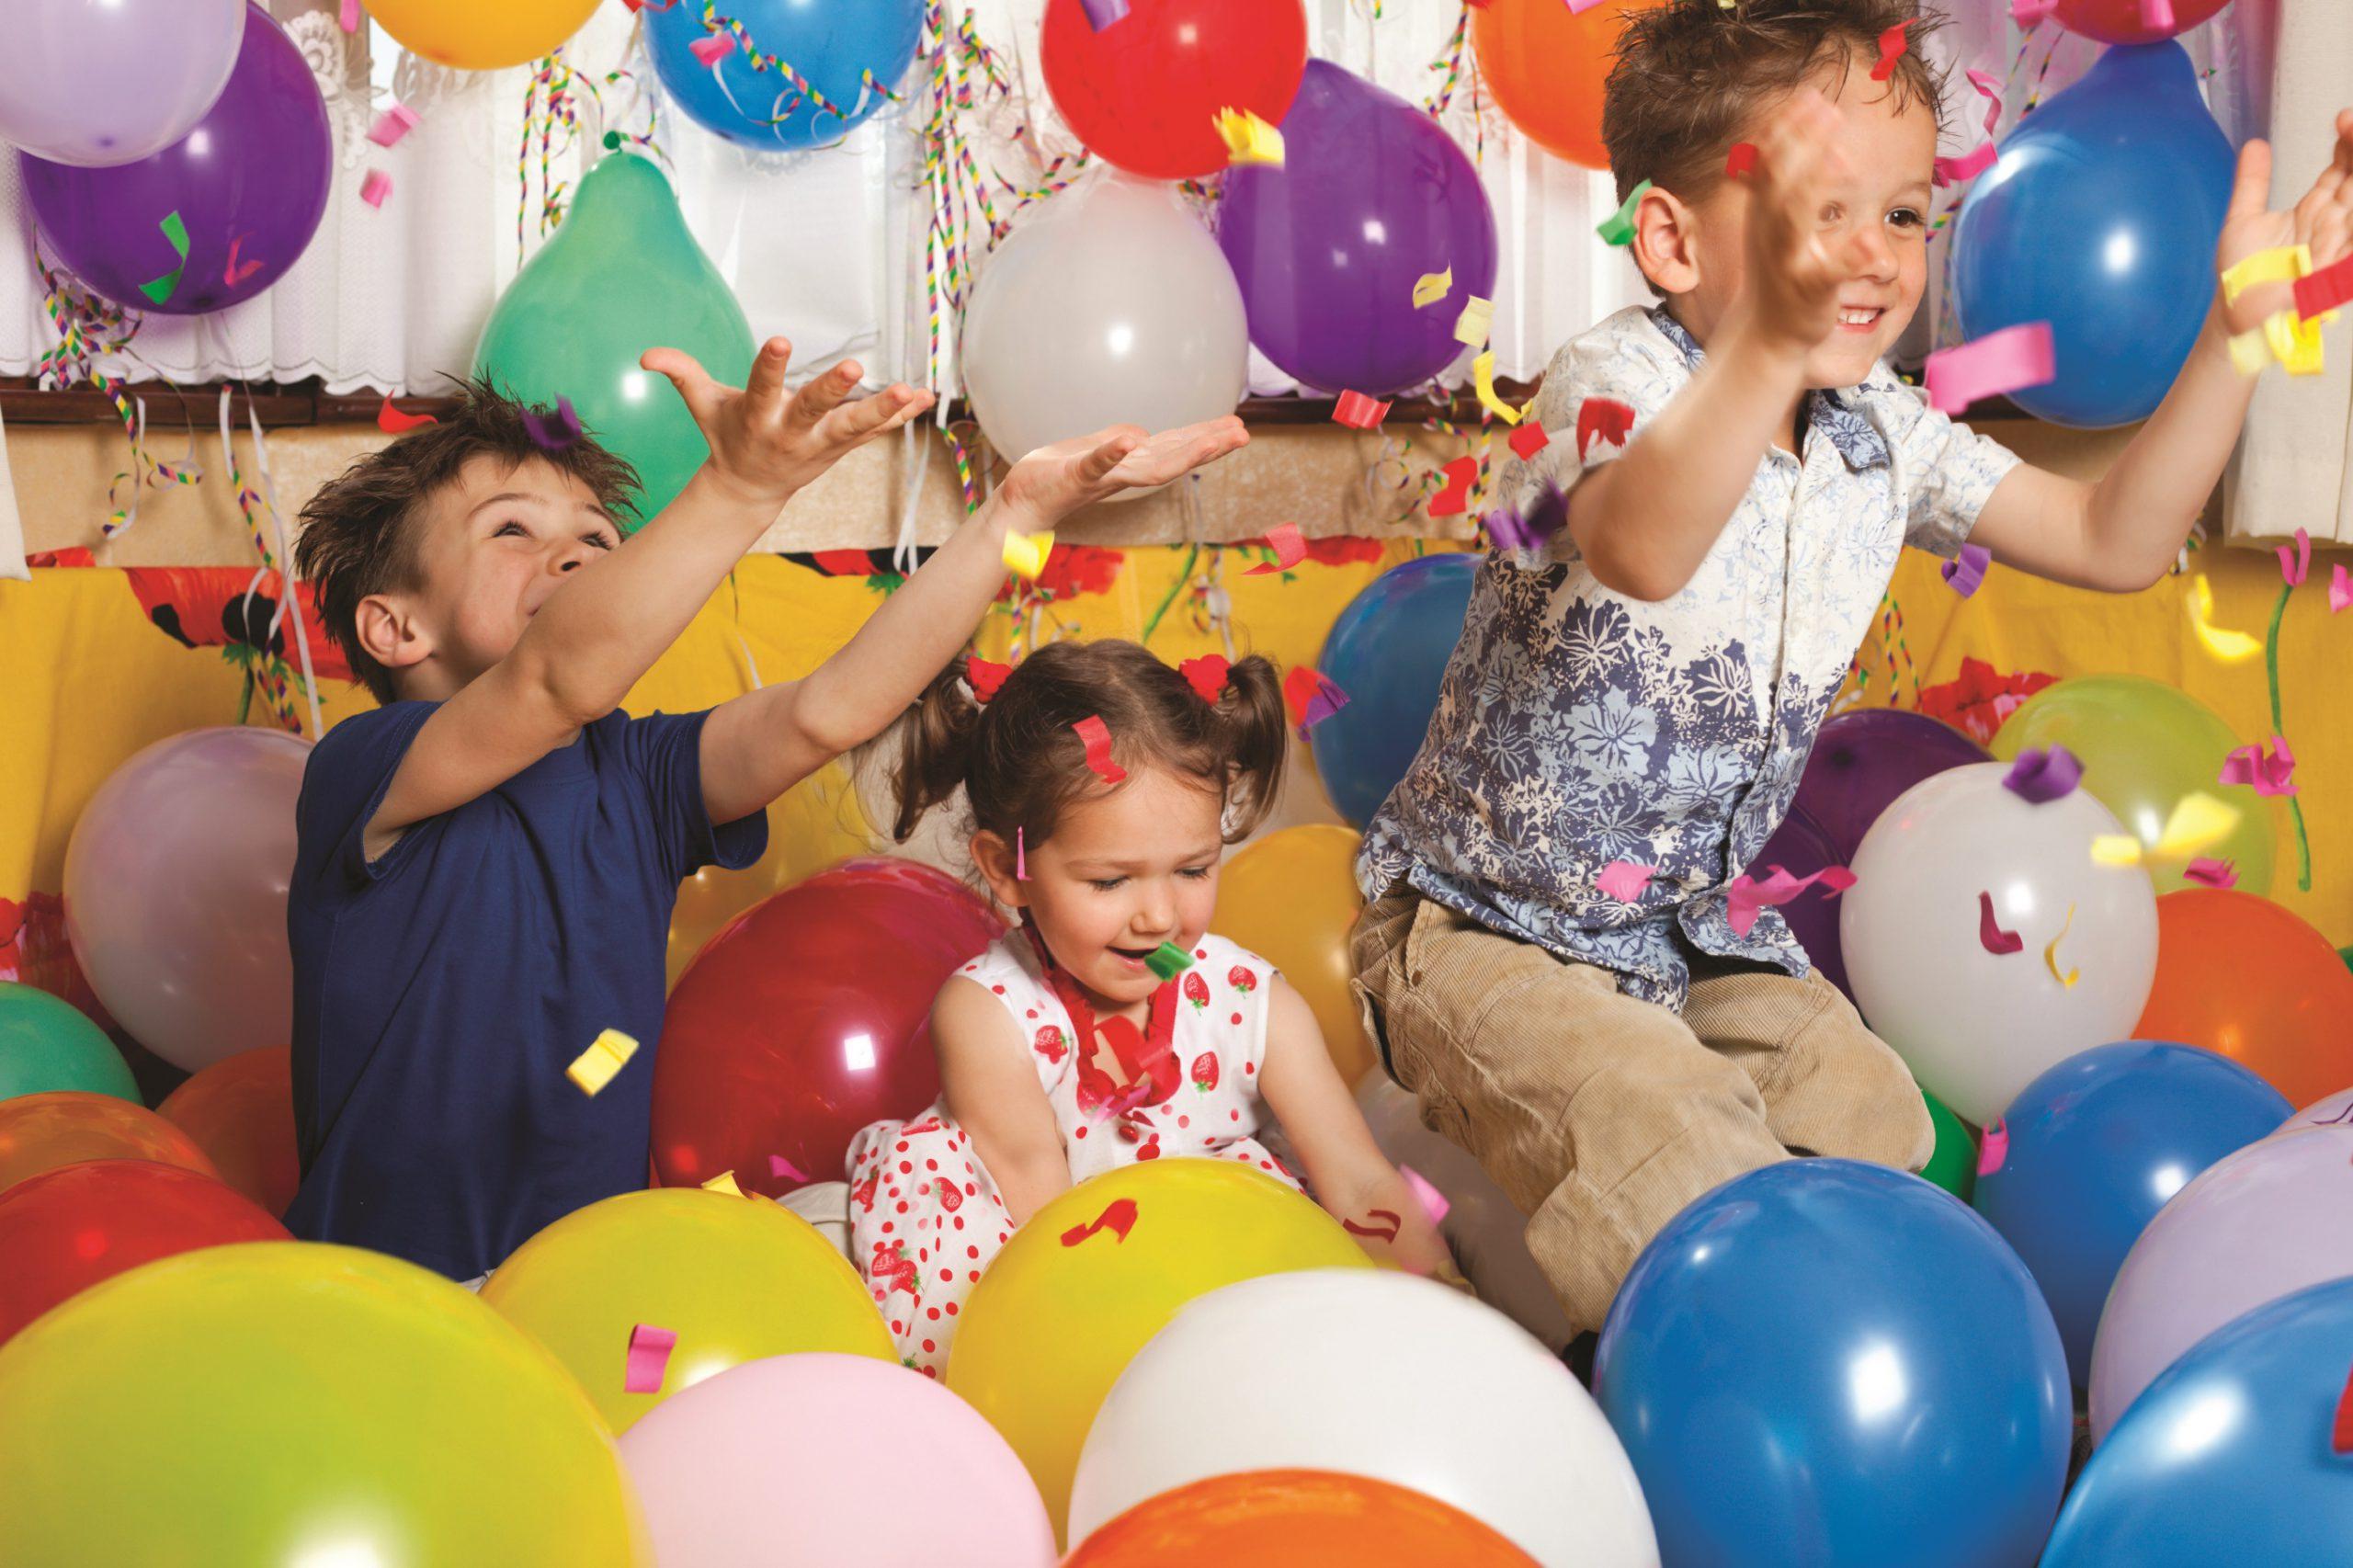 Какие игры предложить детям на детском празднике?